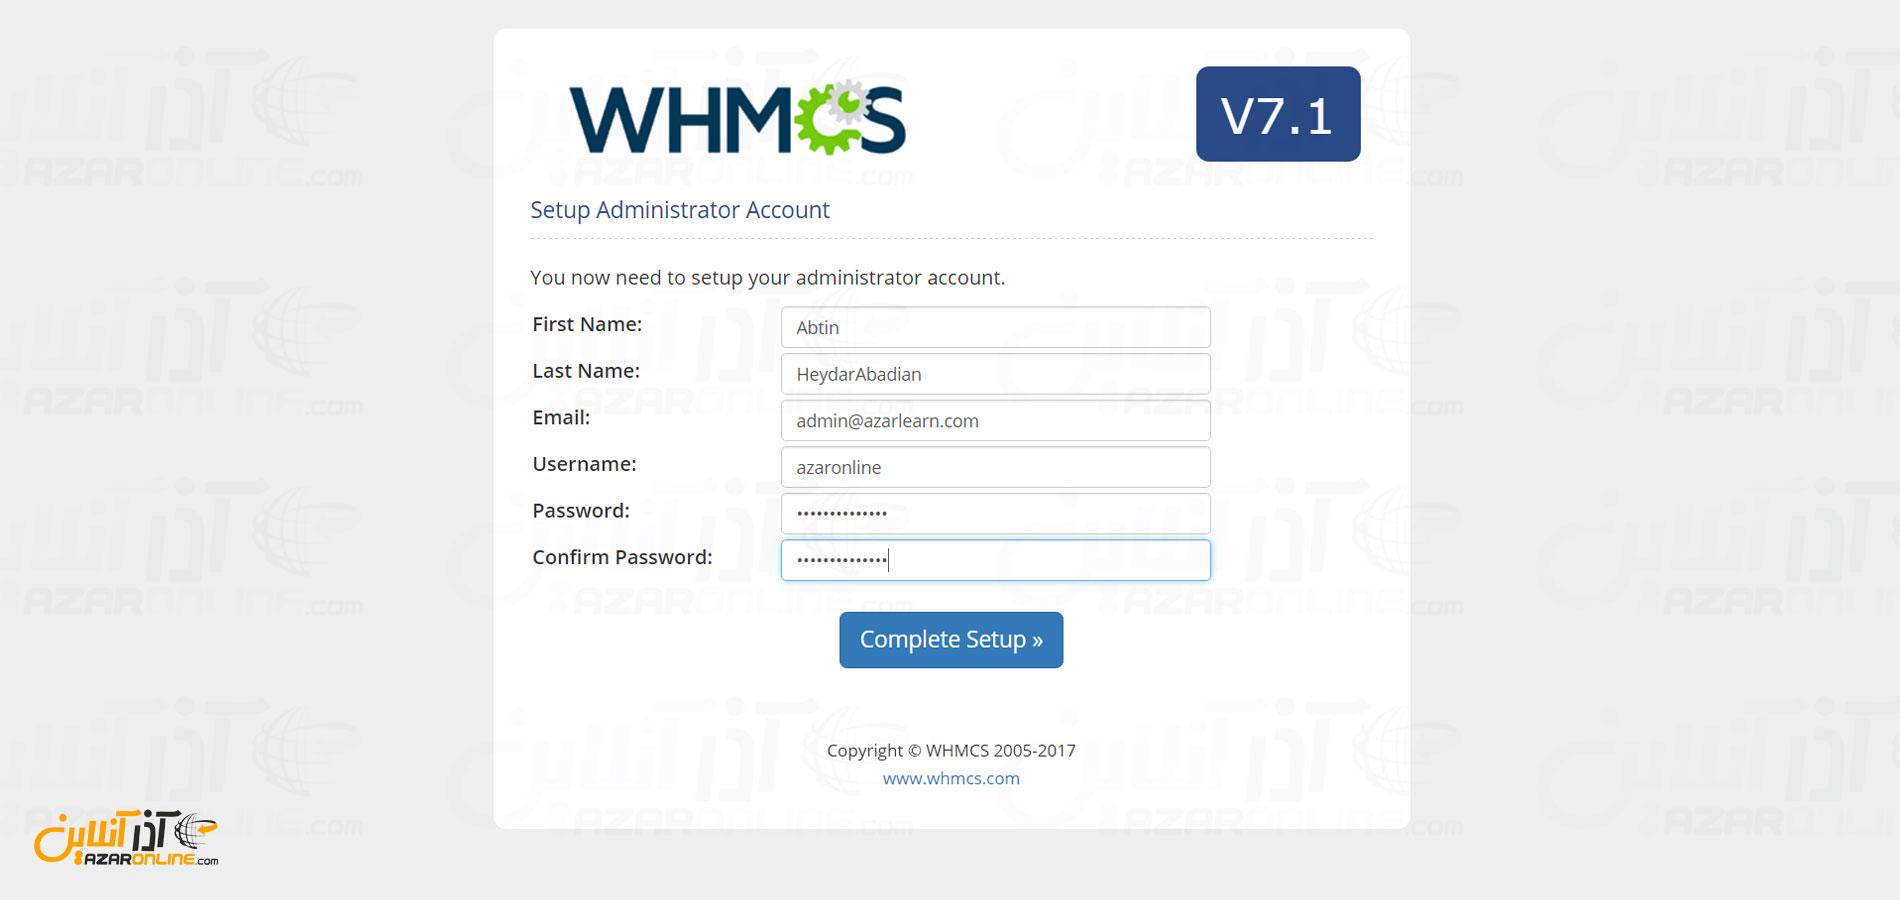 آموزش نصب whmcs - وارد کردن اطلاعات کاربری